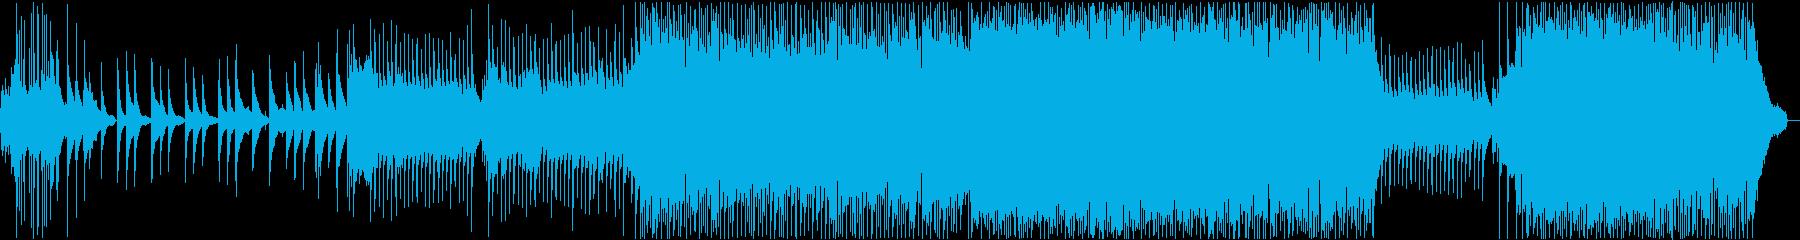 切ない・感動・ドキュメンタリーの再生済みの波形